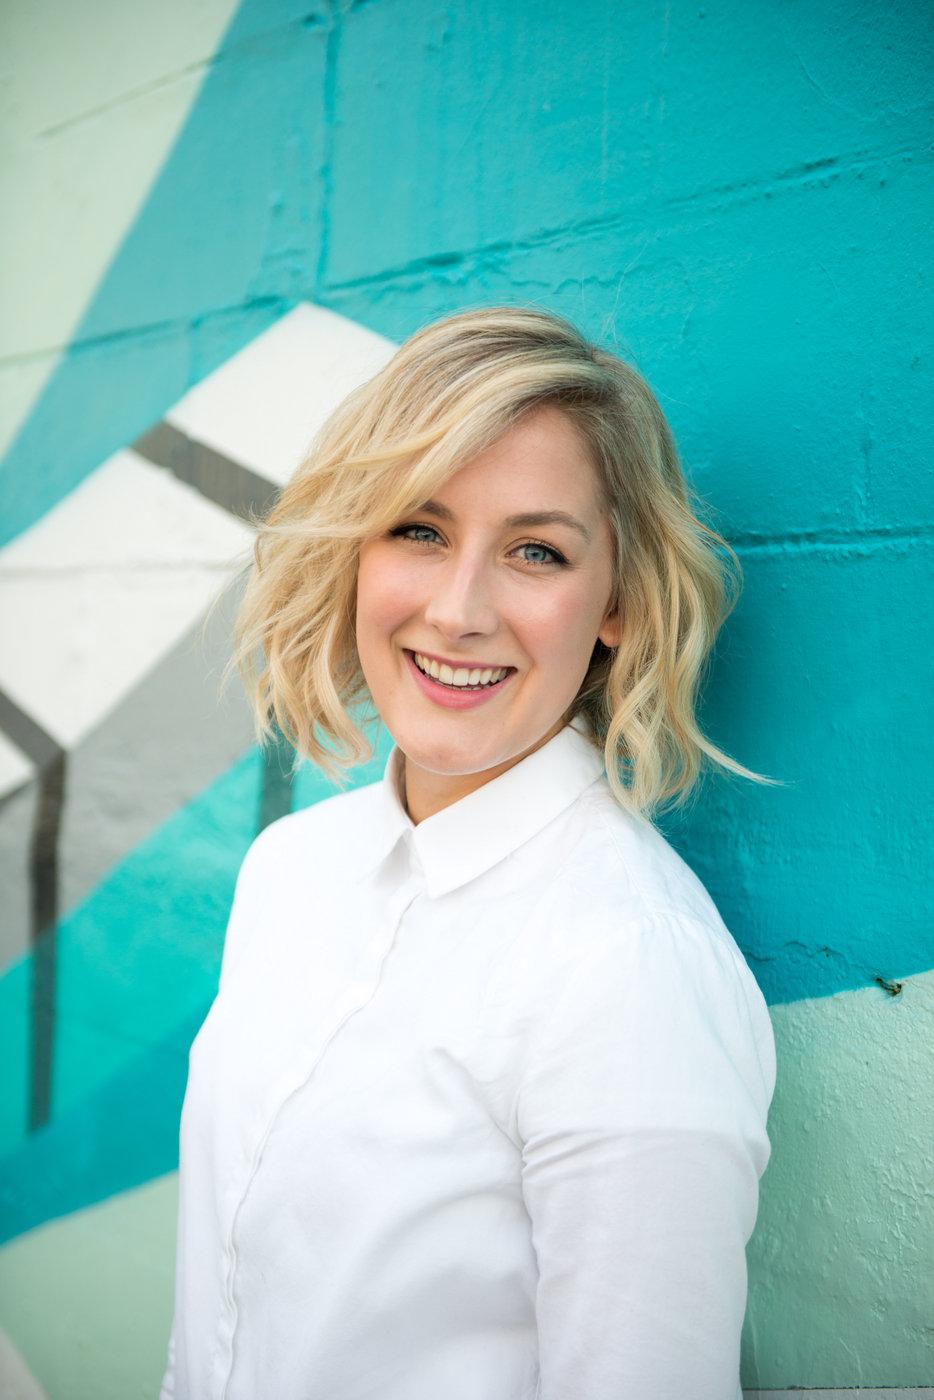 Kaitlyn Edie Headshots-Kaitlyn Edie Headshots-0033 copy.jpg